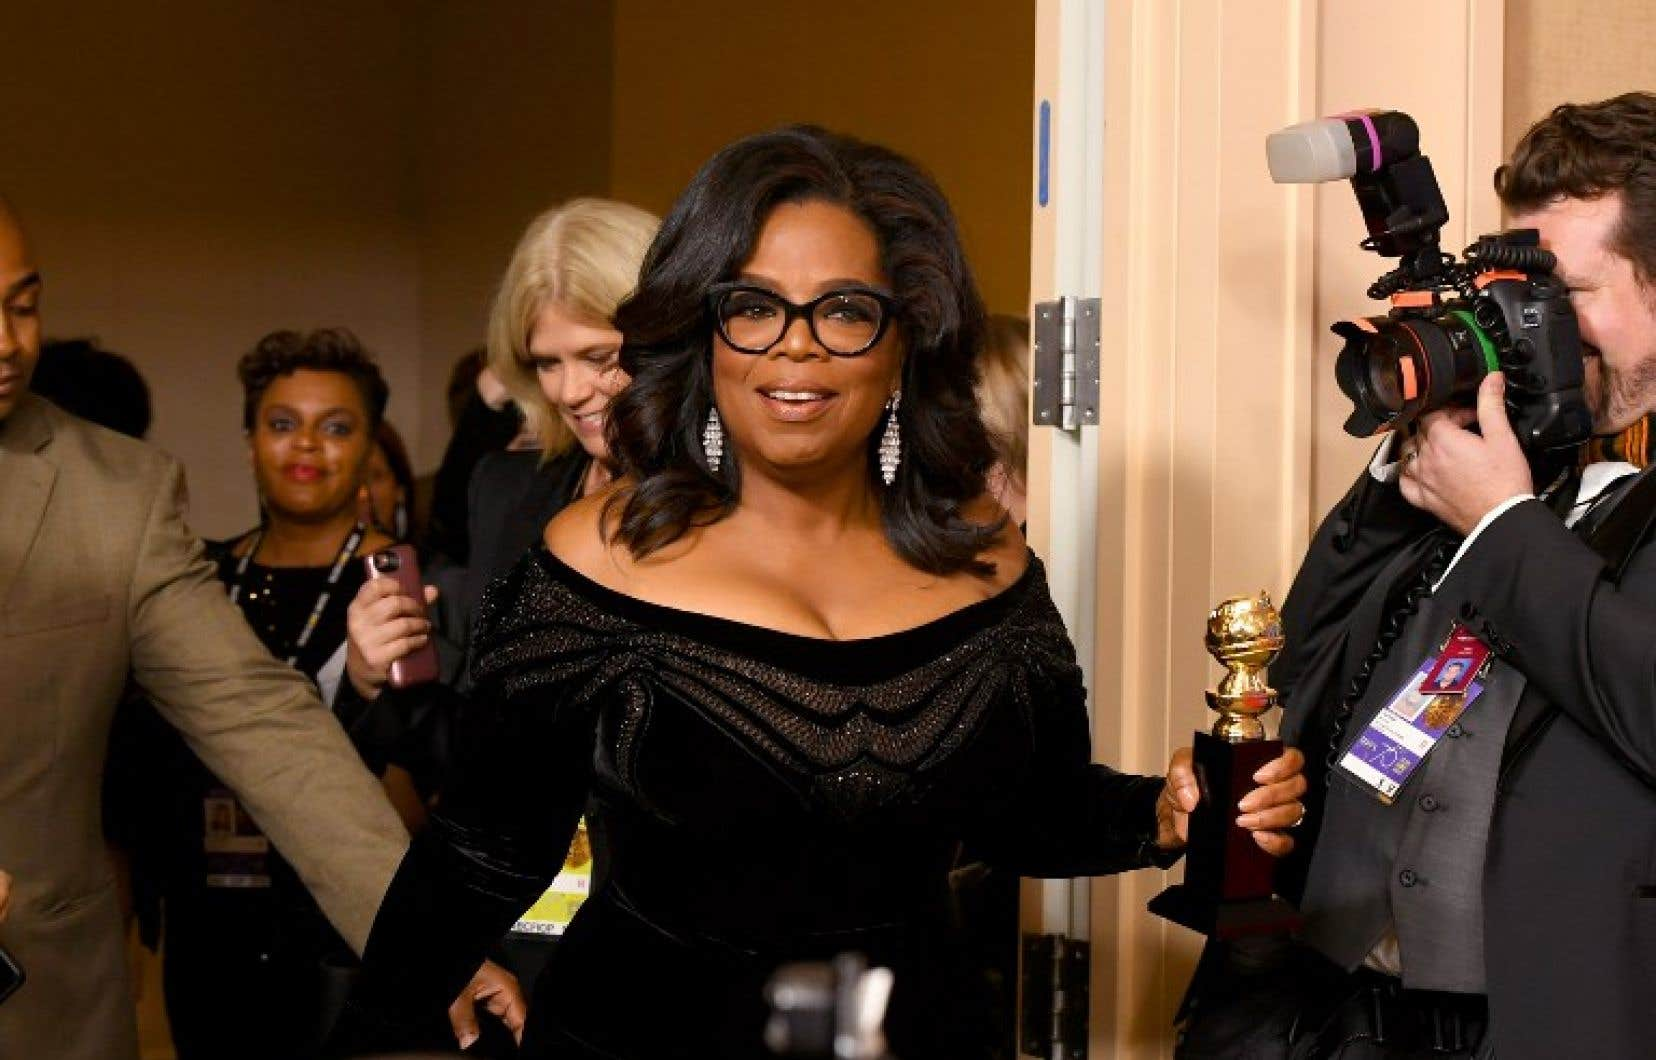 La célèbre présentatrice américaine Oprah Winfrey lors de la cérémonie des Golden Globes